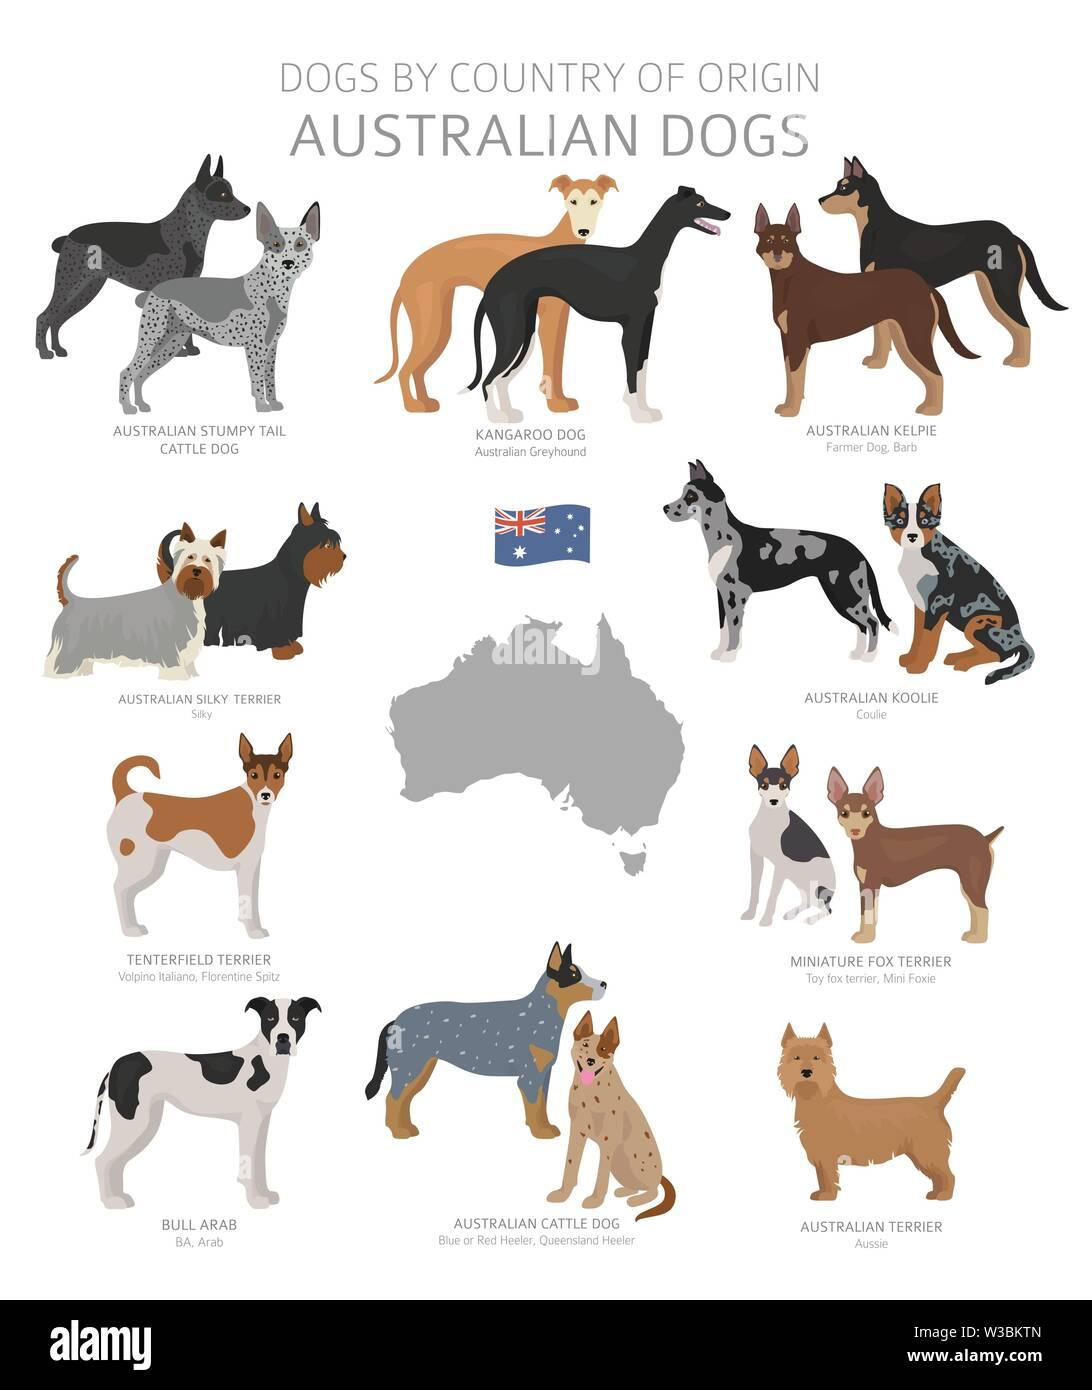 Hunde nach Herkunftsland. Australischen Hunderassen. Hirten, Jagd, Hüten, Spielzeug, Arbeiten und Service Hunde eingestellt. Vector Illustration Stockbild